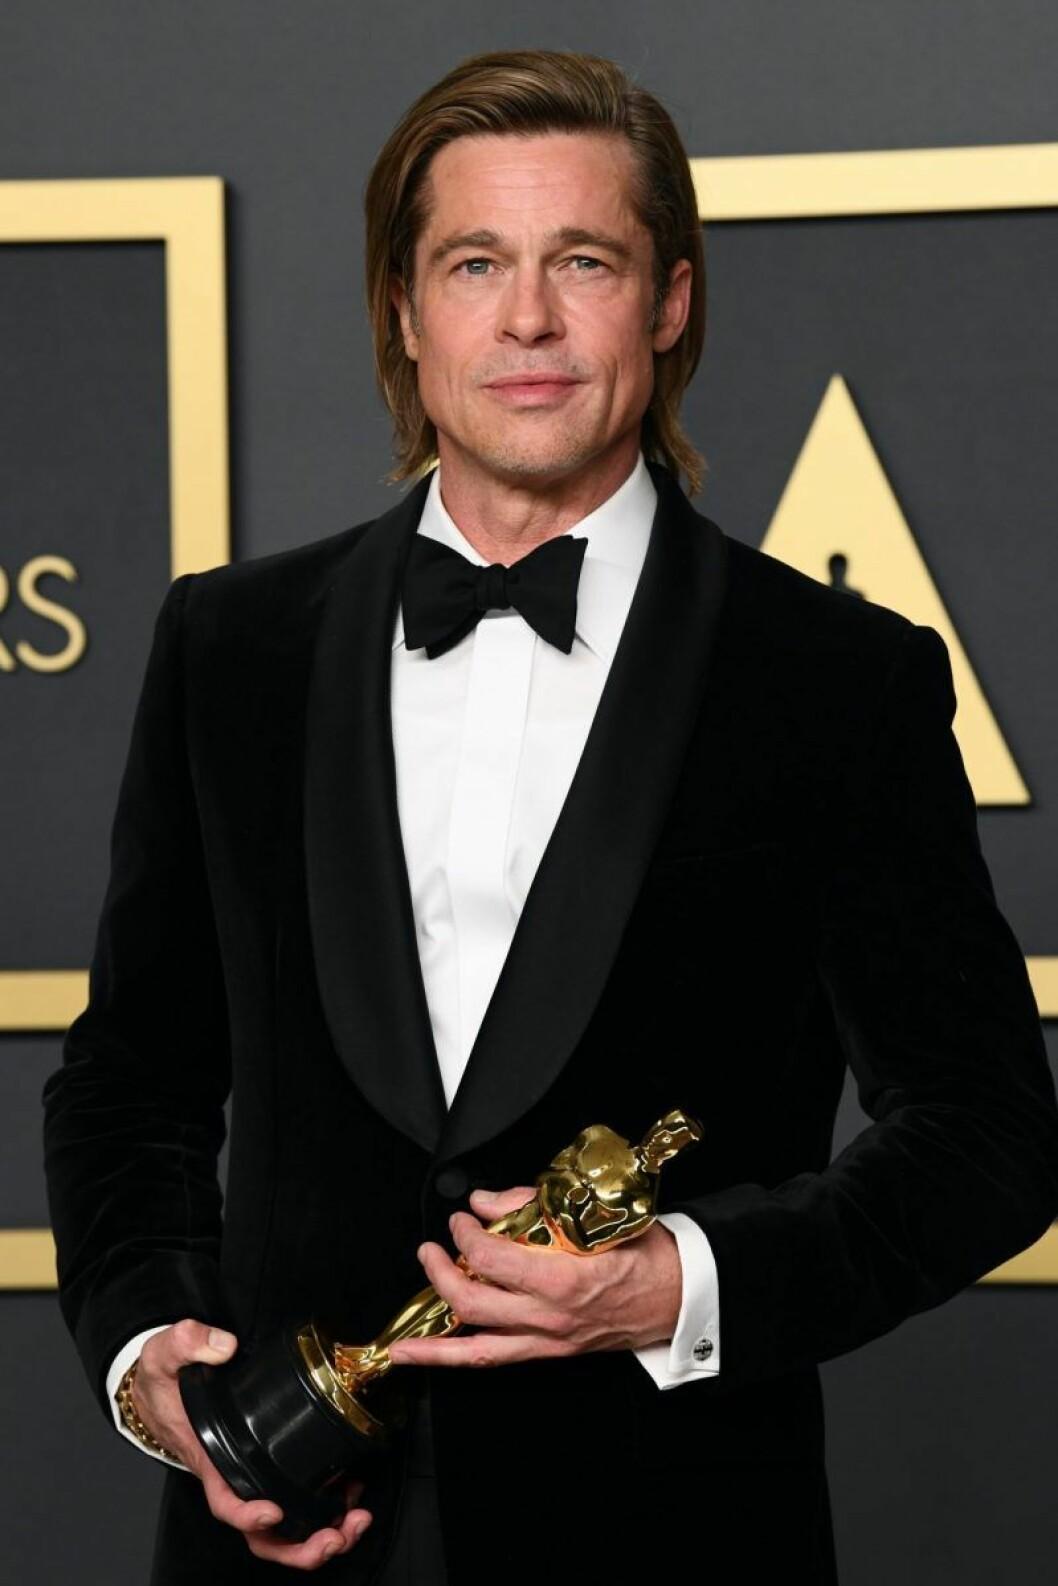 Brad Pitt I smoking håller i en statyett.